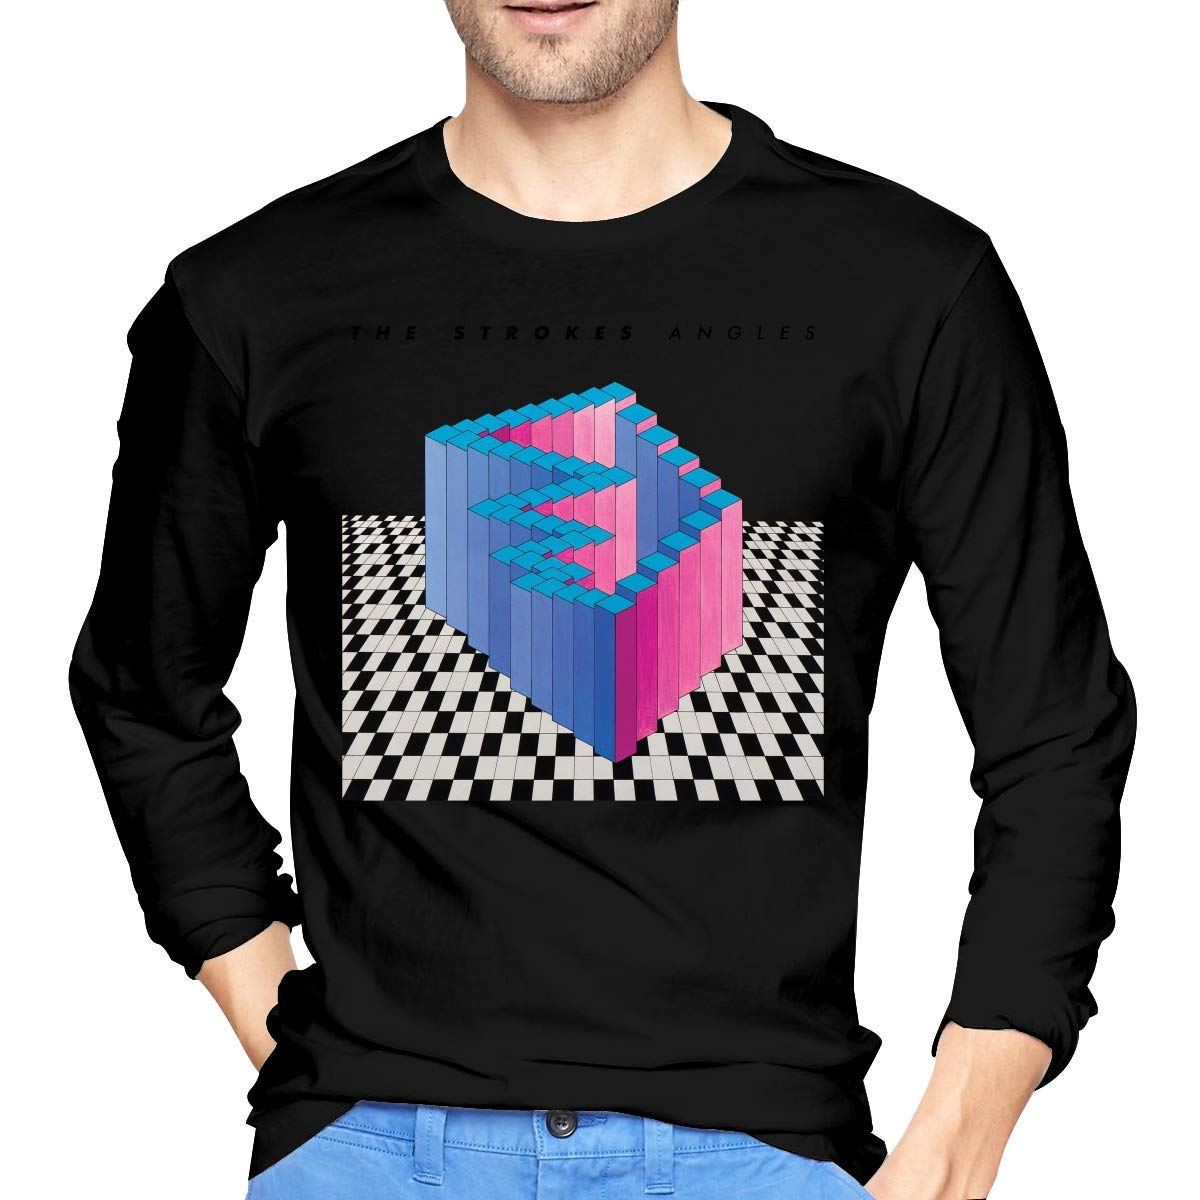 Fssatung S The Strokes Angles Tshirt Black